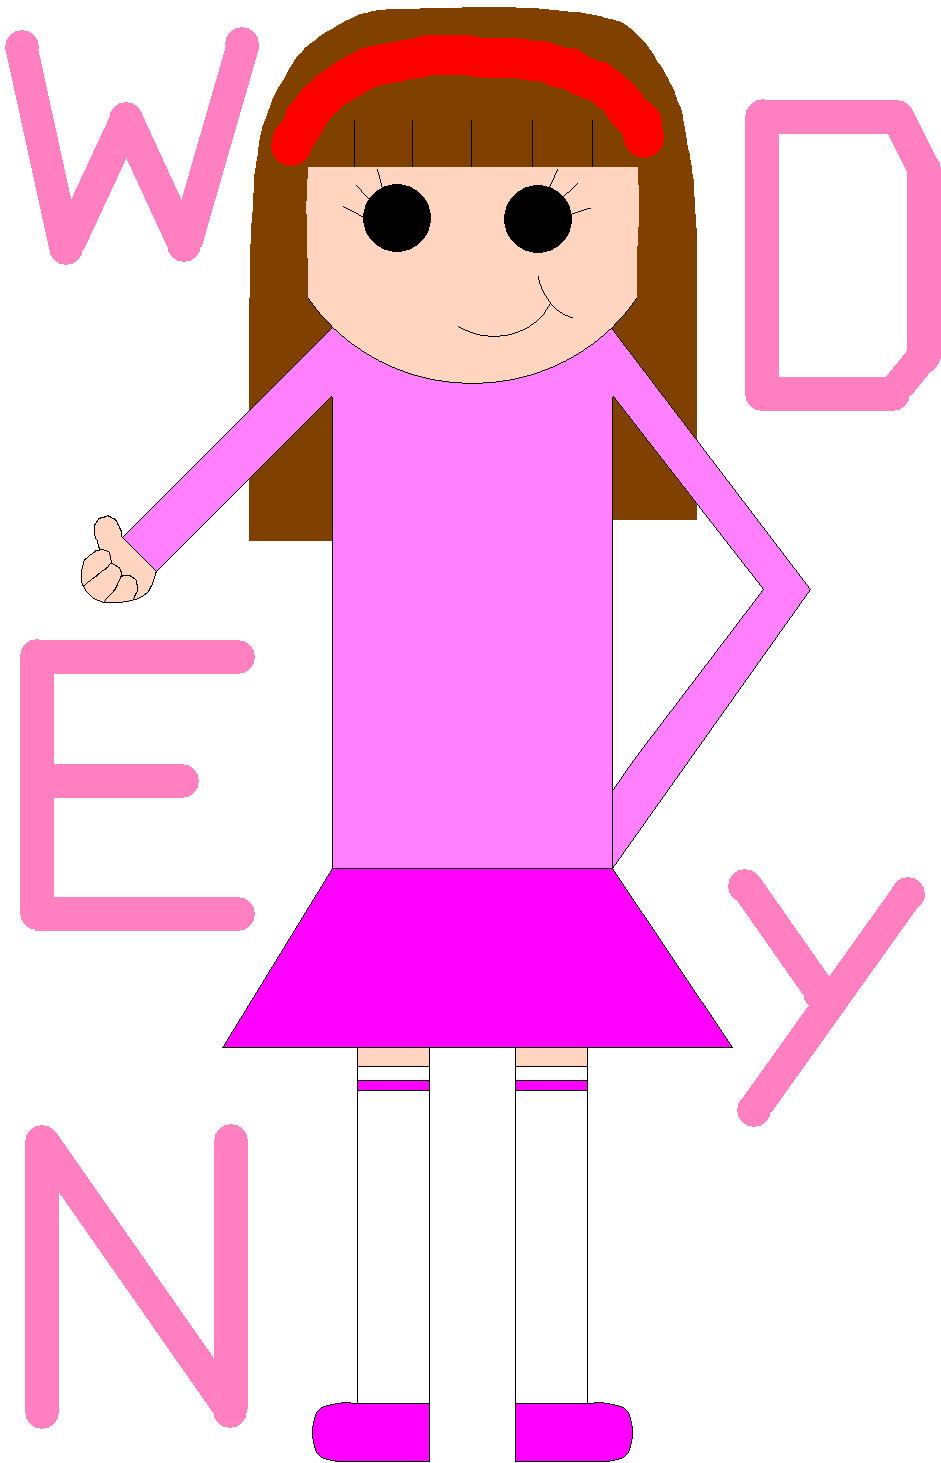 Wendy by Glkombo